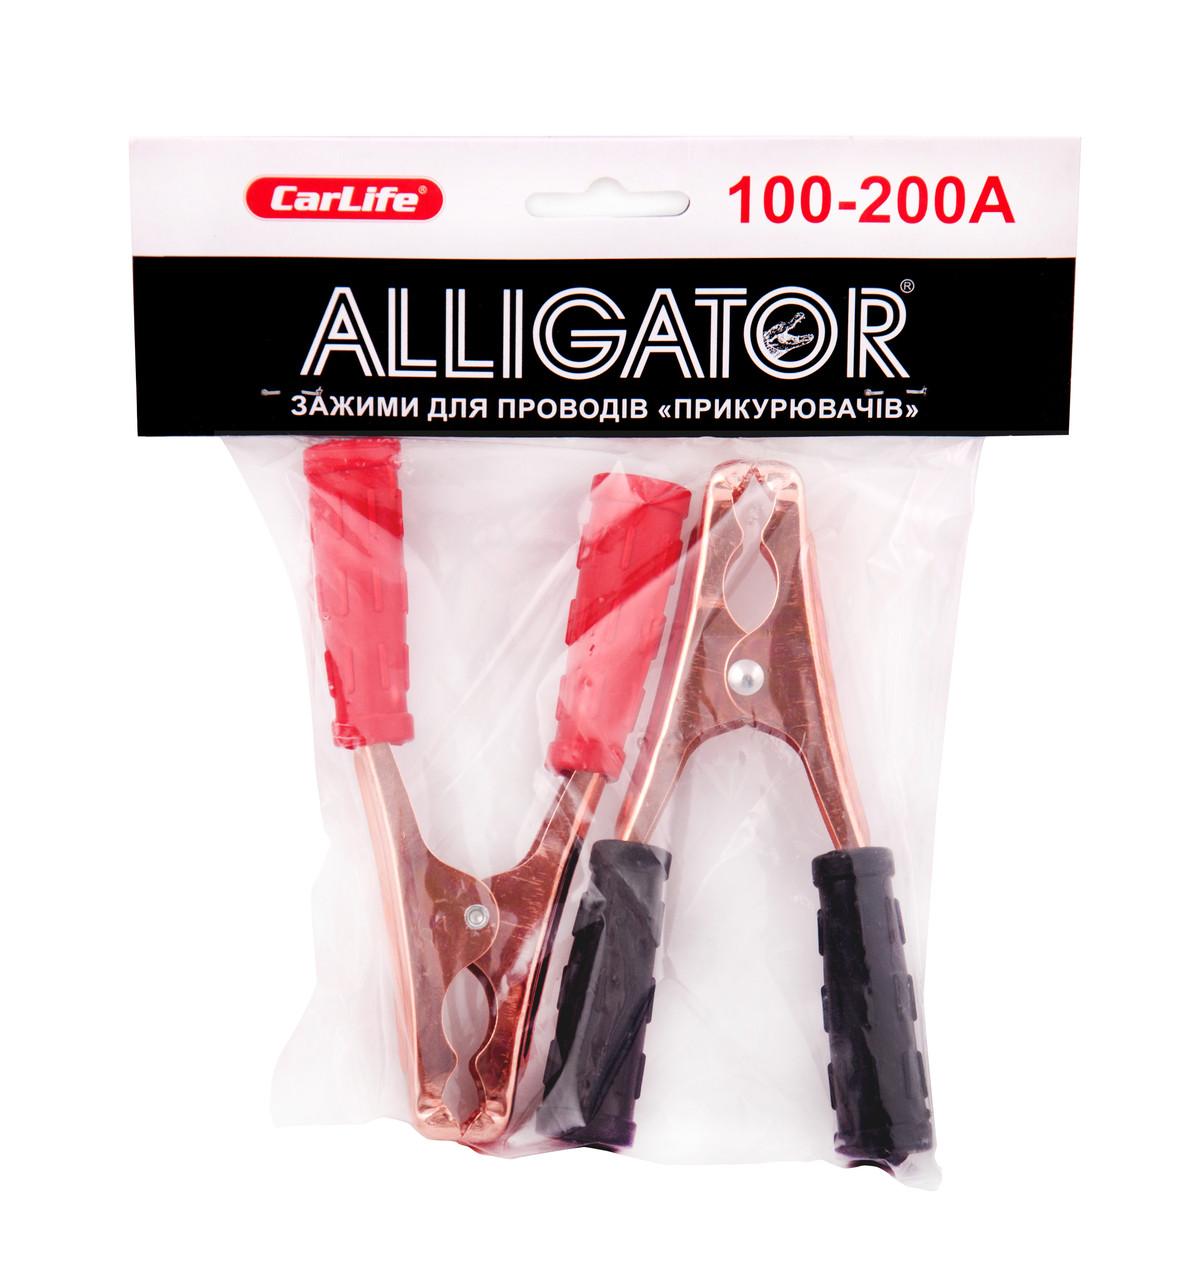 Клеммы для пусковых проводов Alligator 100-200A